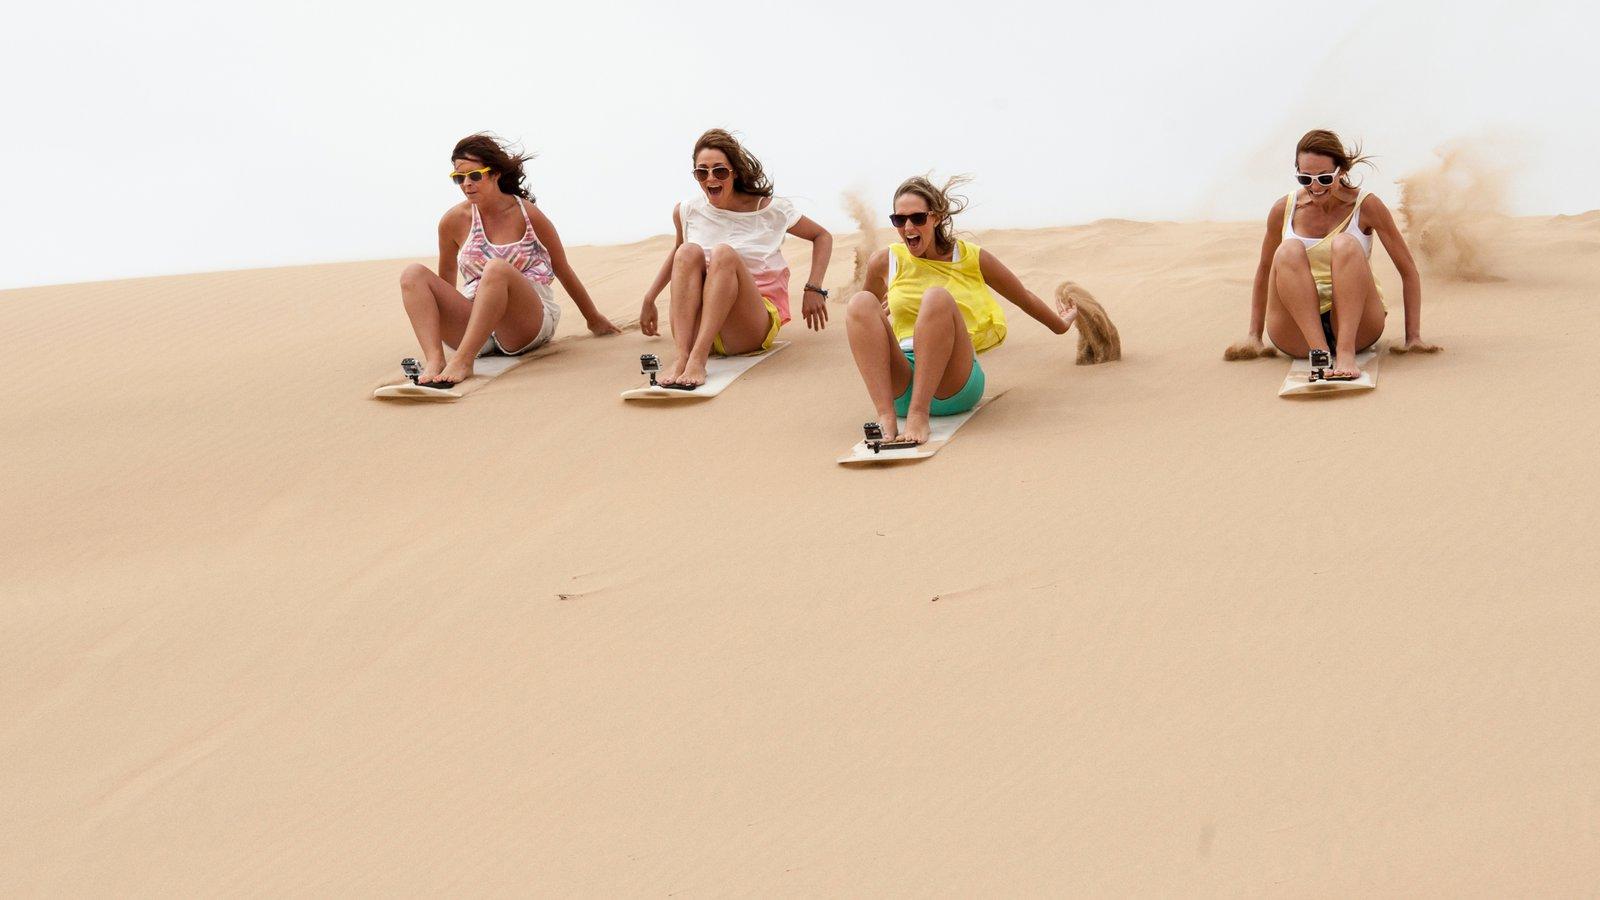 Johannesburg - Gauteng featuring desert views as well as a small group of people